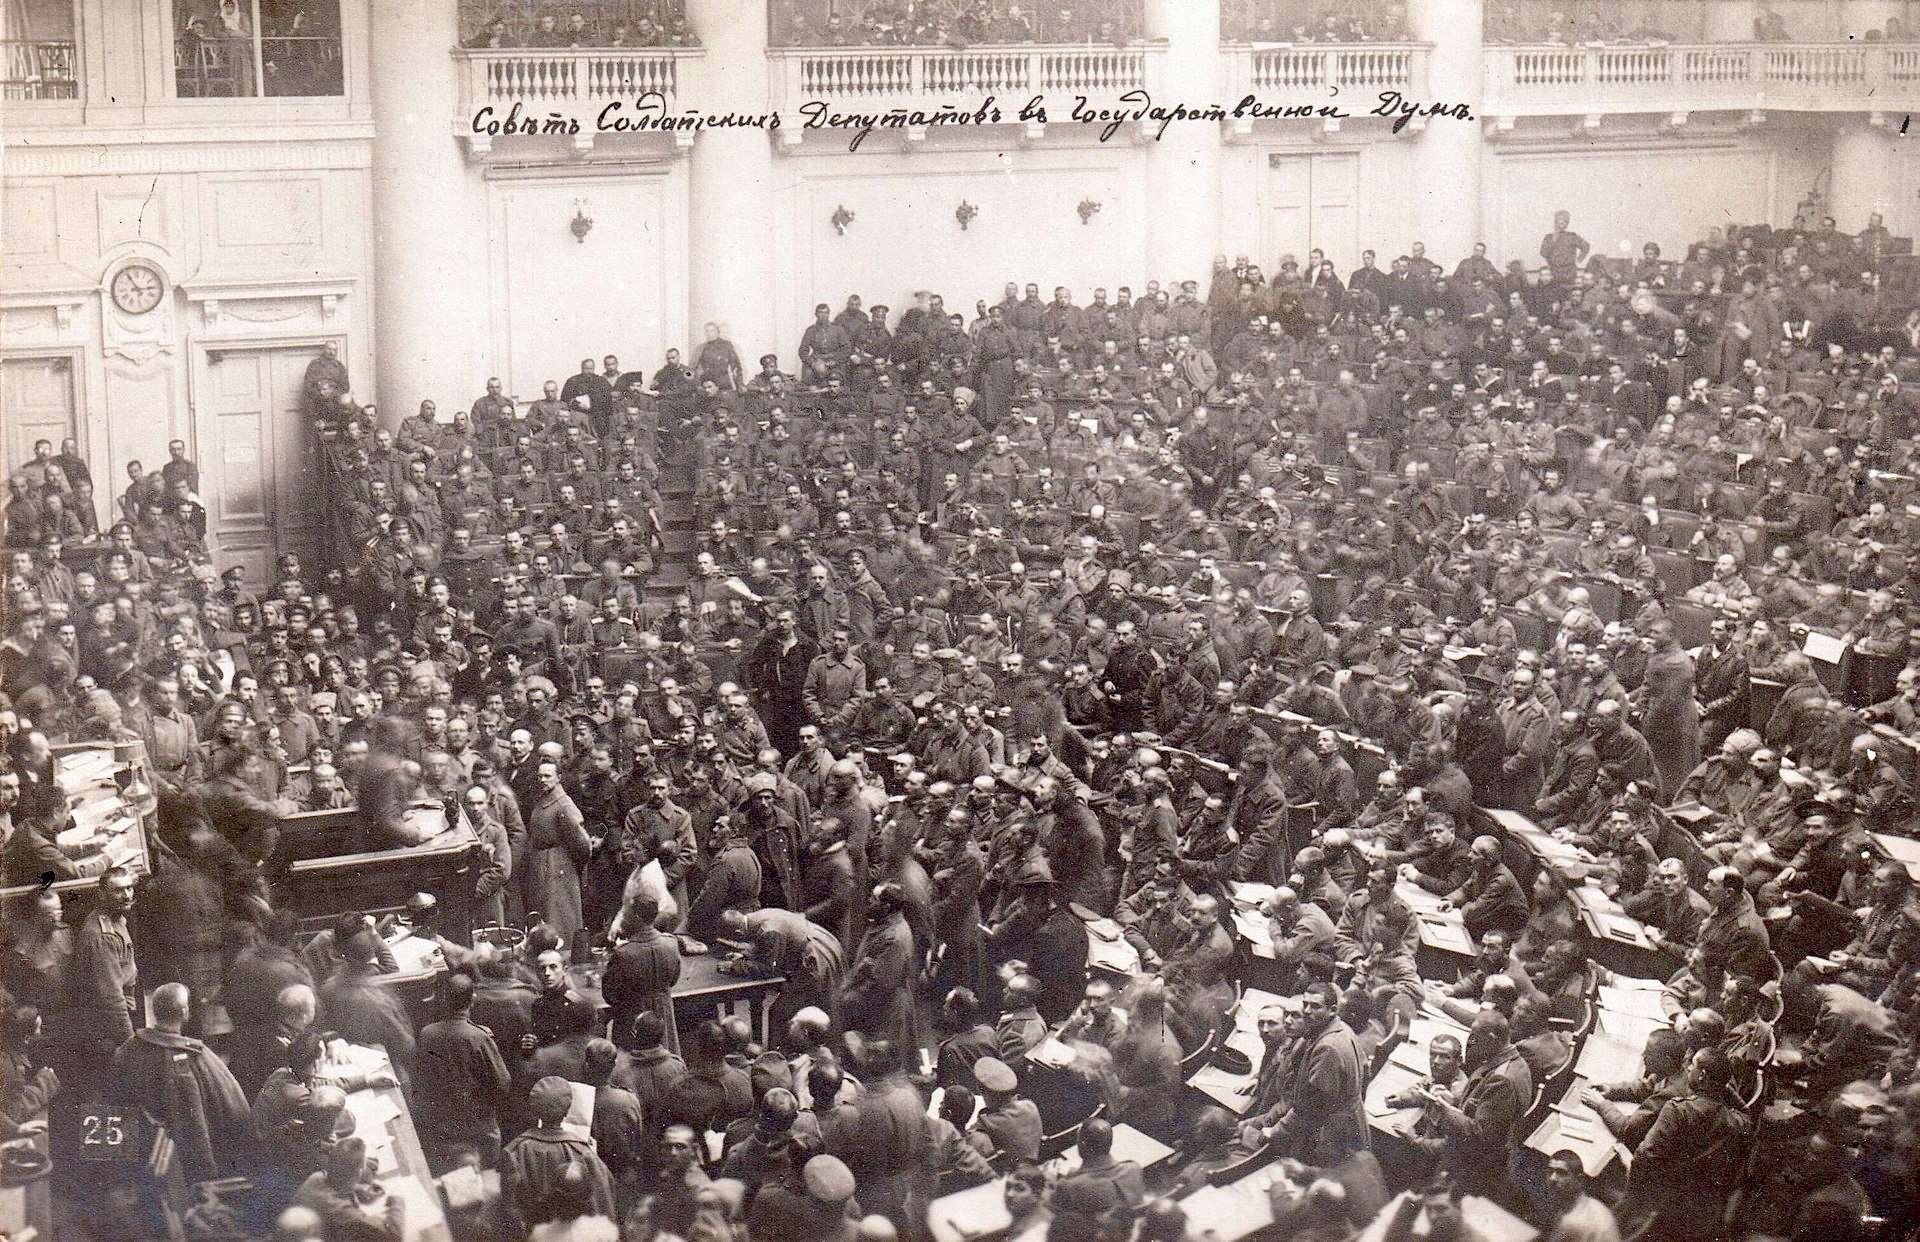 Το Σοβιέτ της Αγίας Πετρούπολης συνεδριάζει, φωτογραφία του 1917.